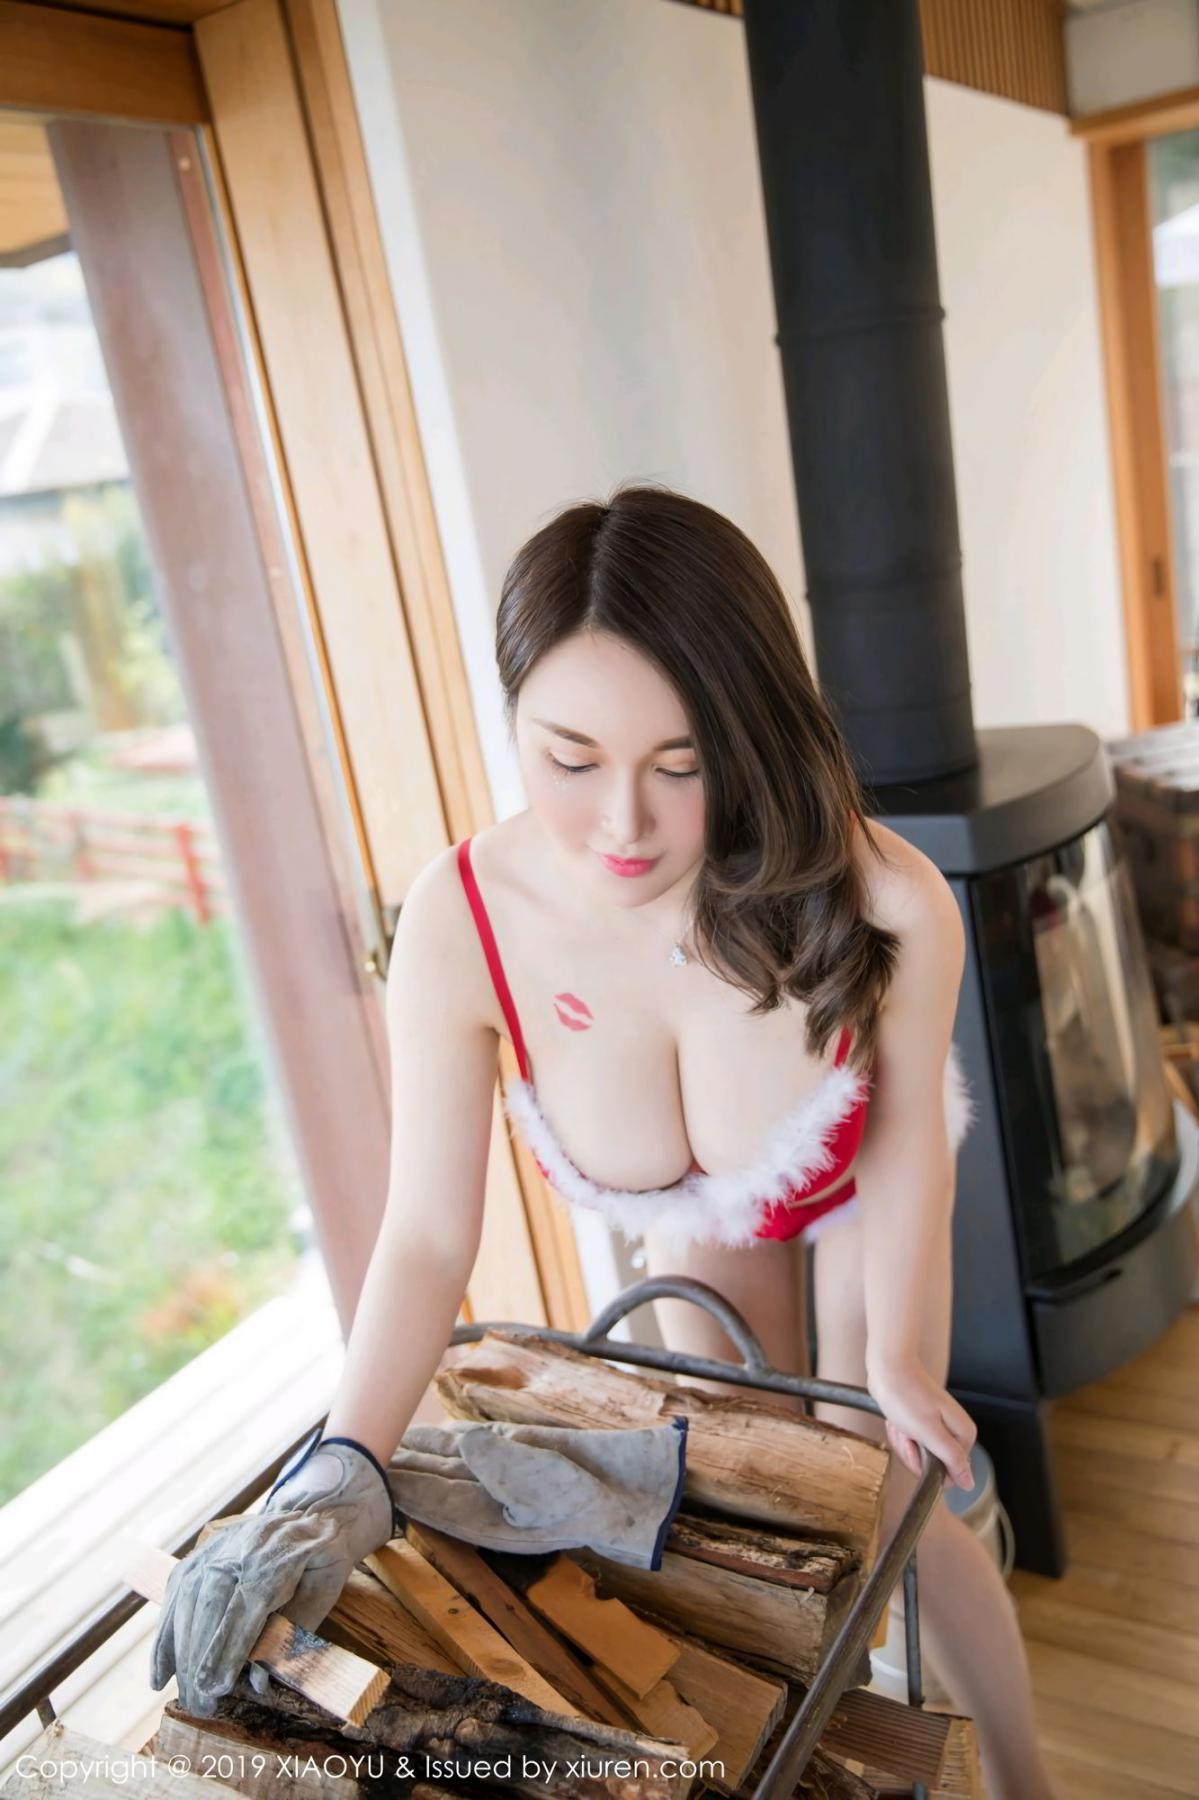 [XiaoYu] Vol.137 Shen Mi Tao 33P, Kimono, Shen Mi Tao, Underwear, XiaoYu